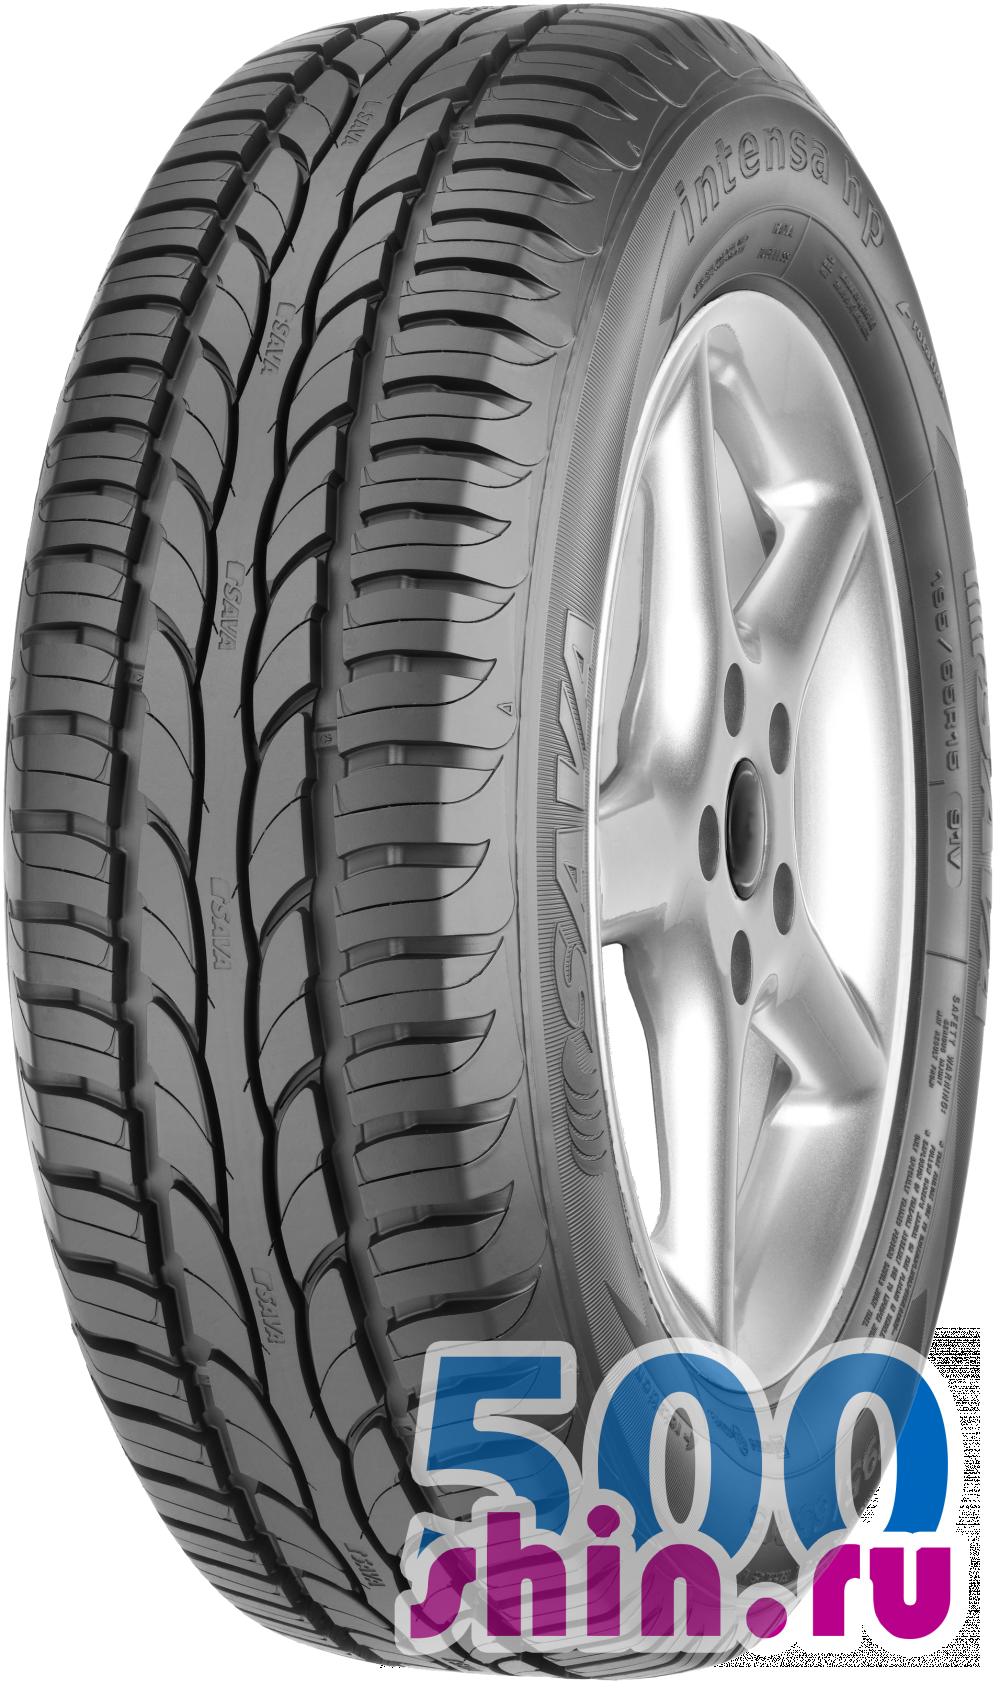 Sava eskimo hp - Test zimních pneumatik 2017